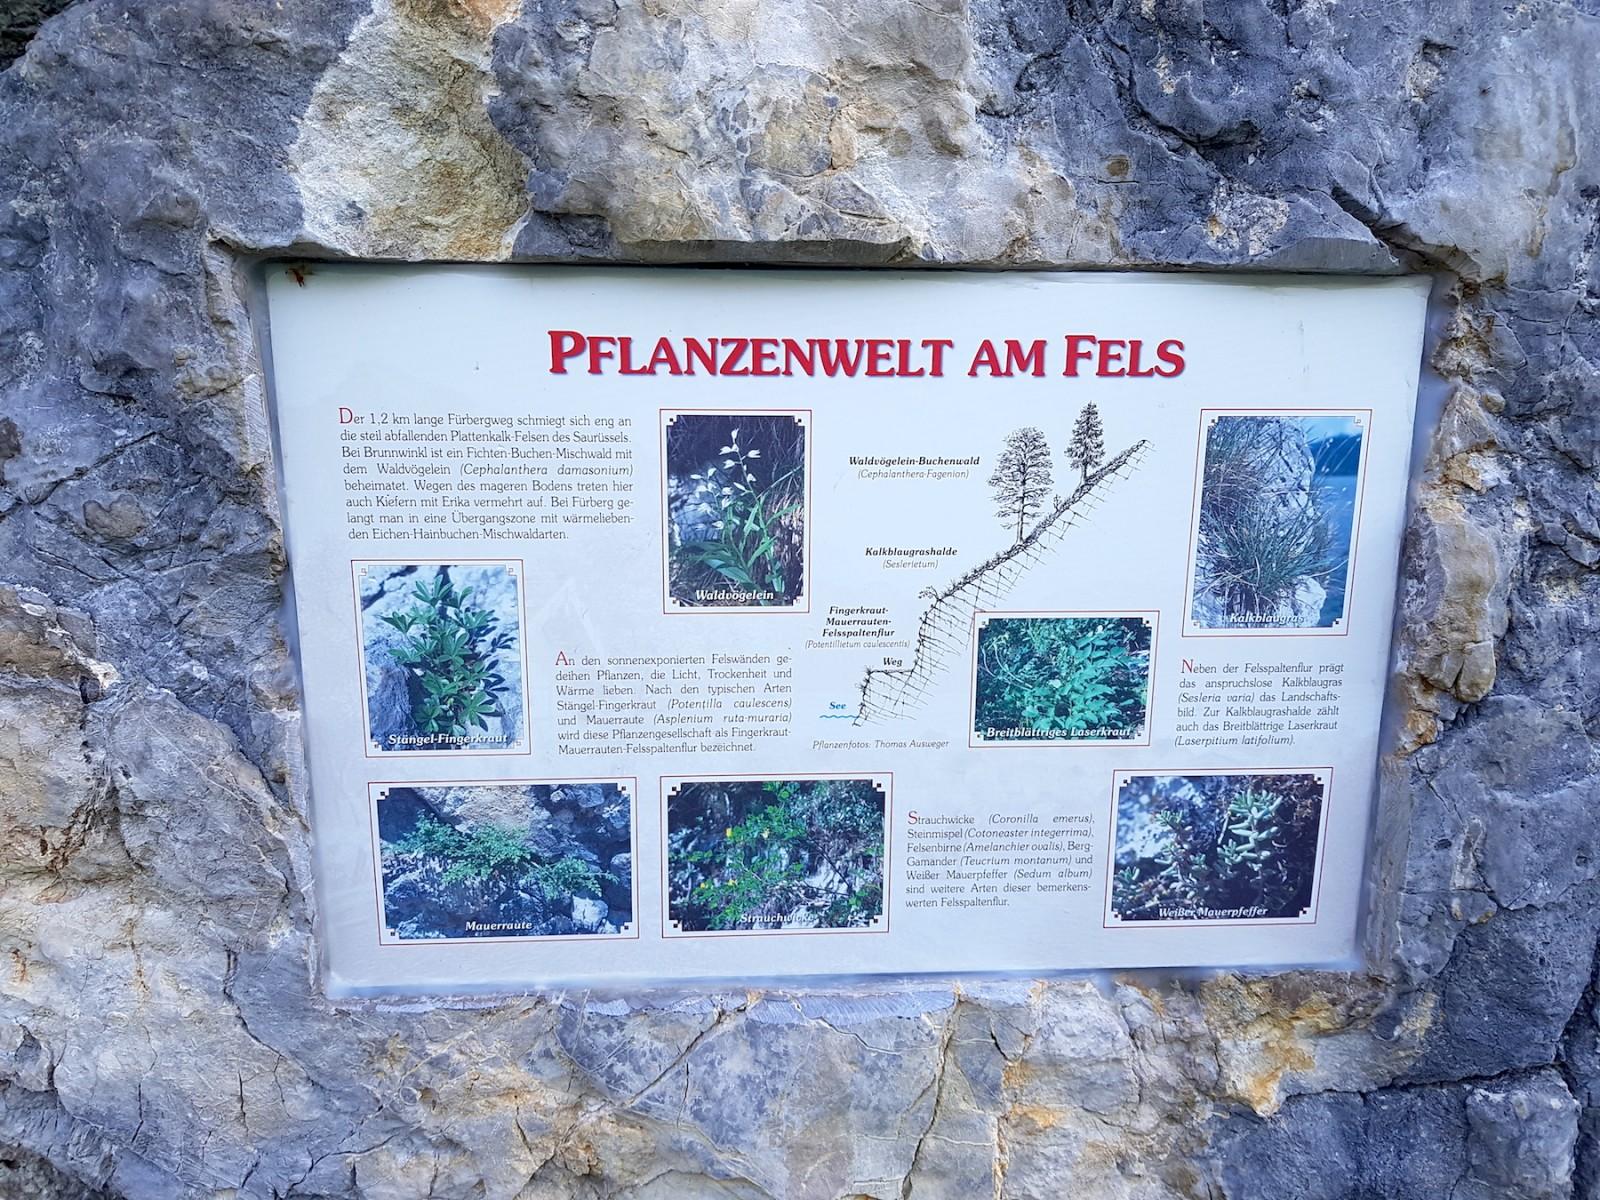 ...mit allerlei Wissenswertem über die heimische Pflanzenwelt...